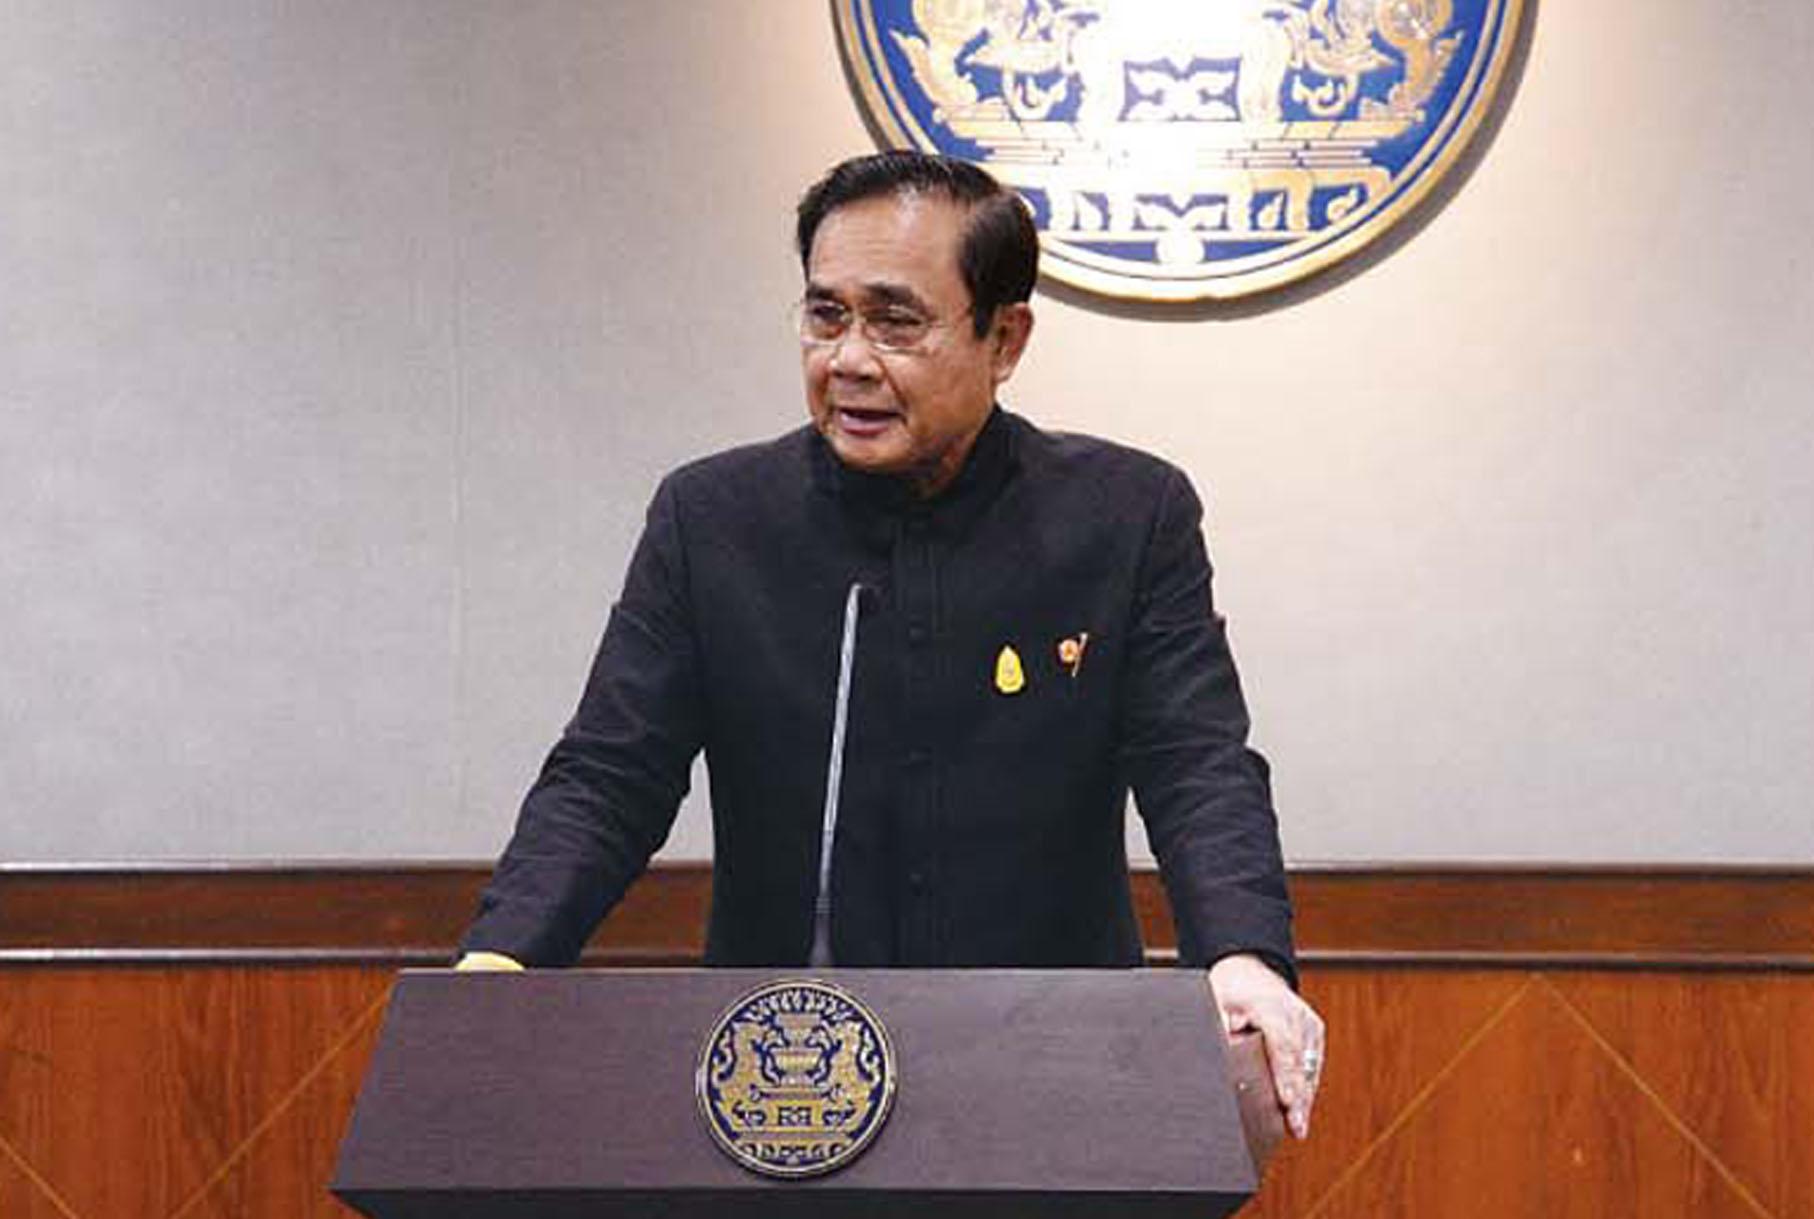 新憲法公布 - ワイズデジタル【タイで生活する人のための情報サイト】